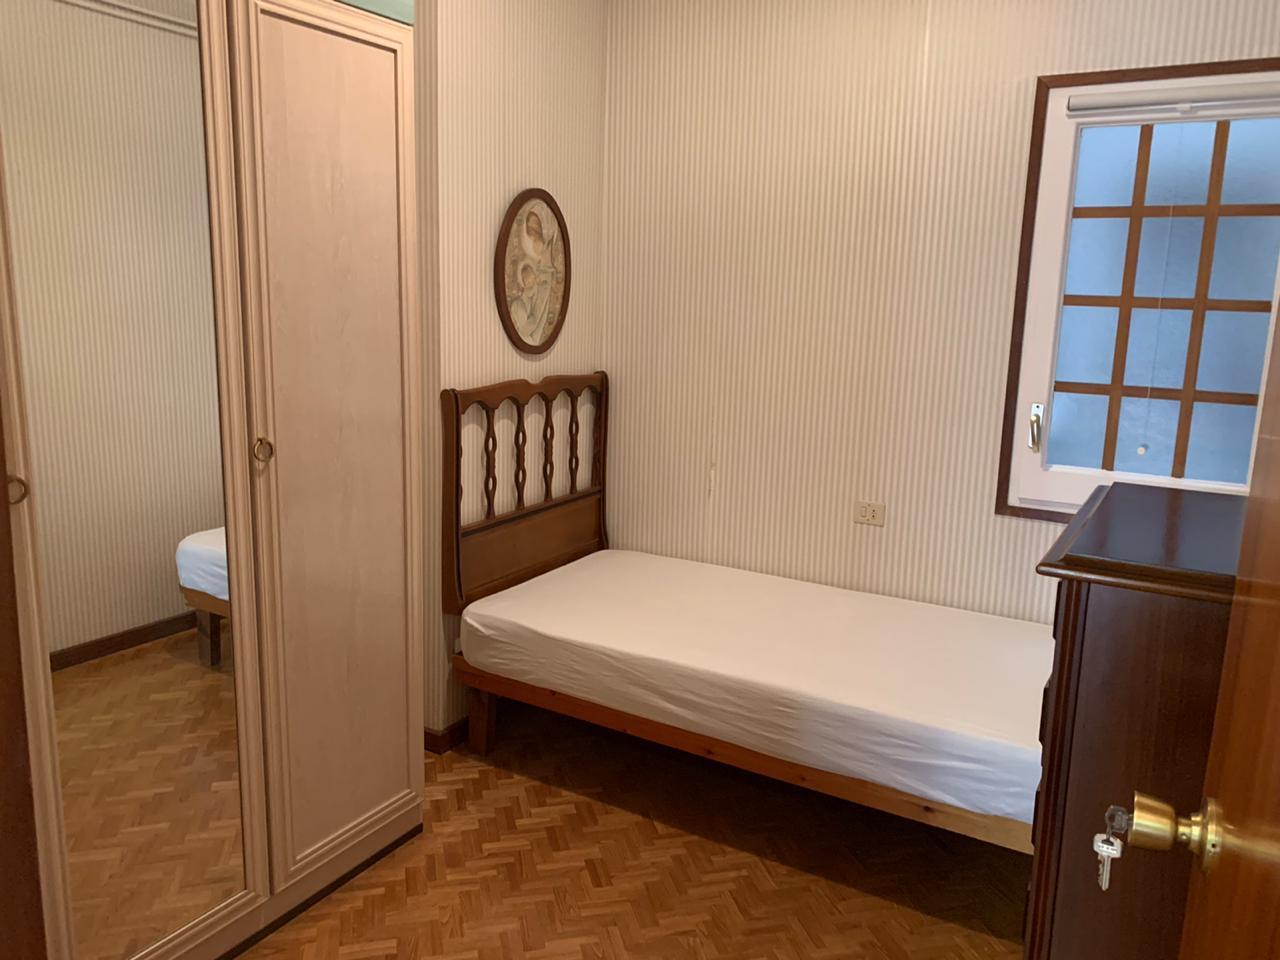 Pis de lloguer a Sant Julià de Lòria, 4 habitacions, 130 metres